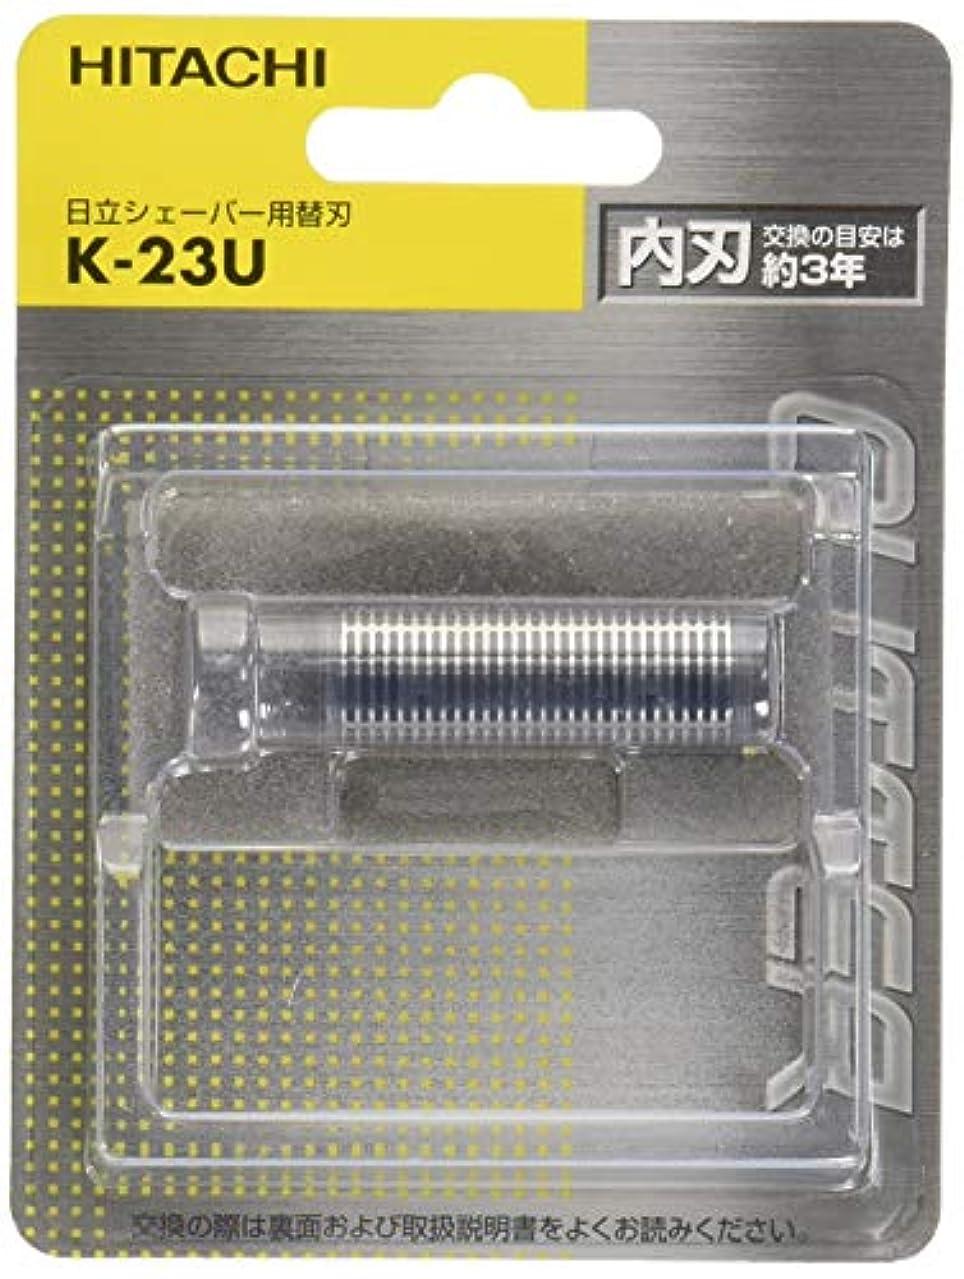 名誉高原失う日立 メンズシェーバー用替刃(内刃) K-23U